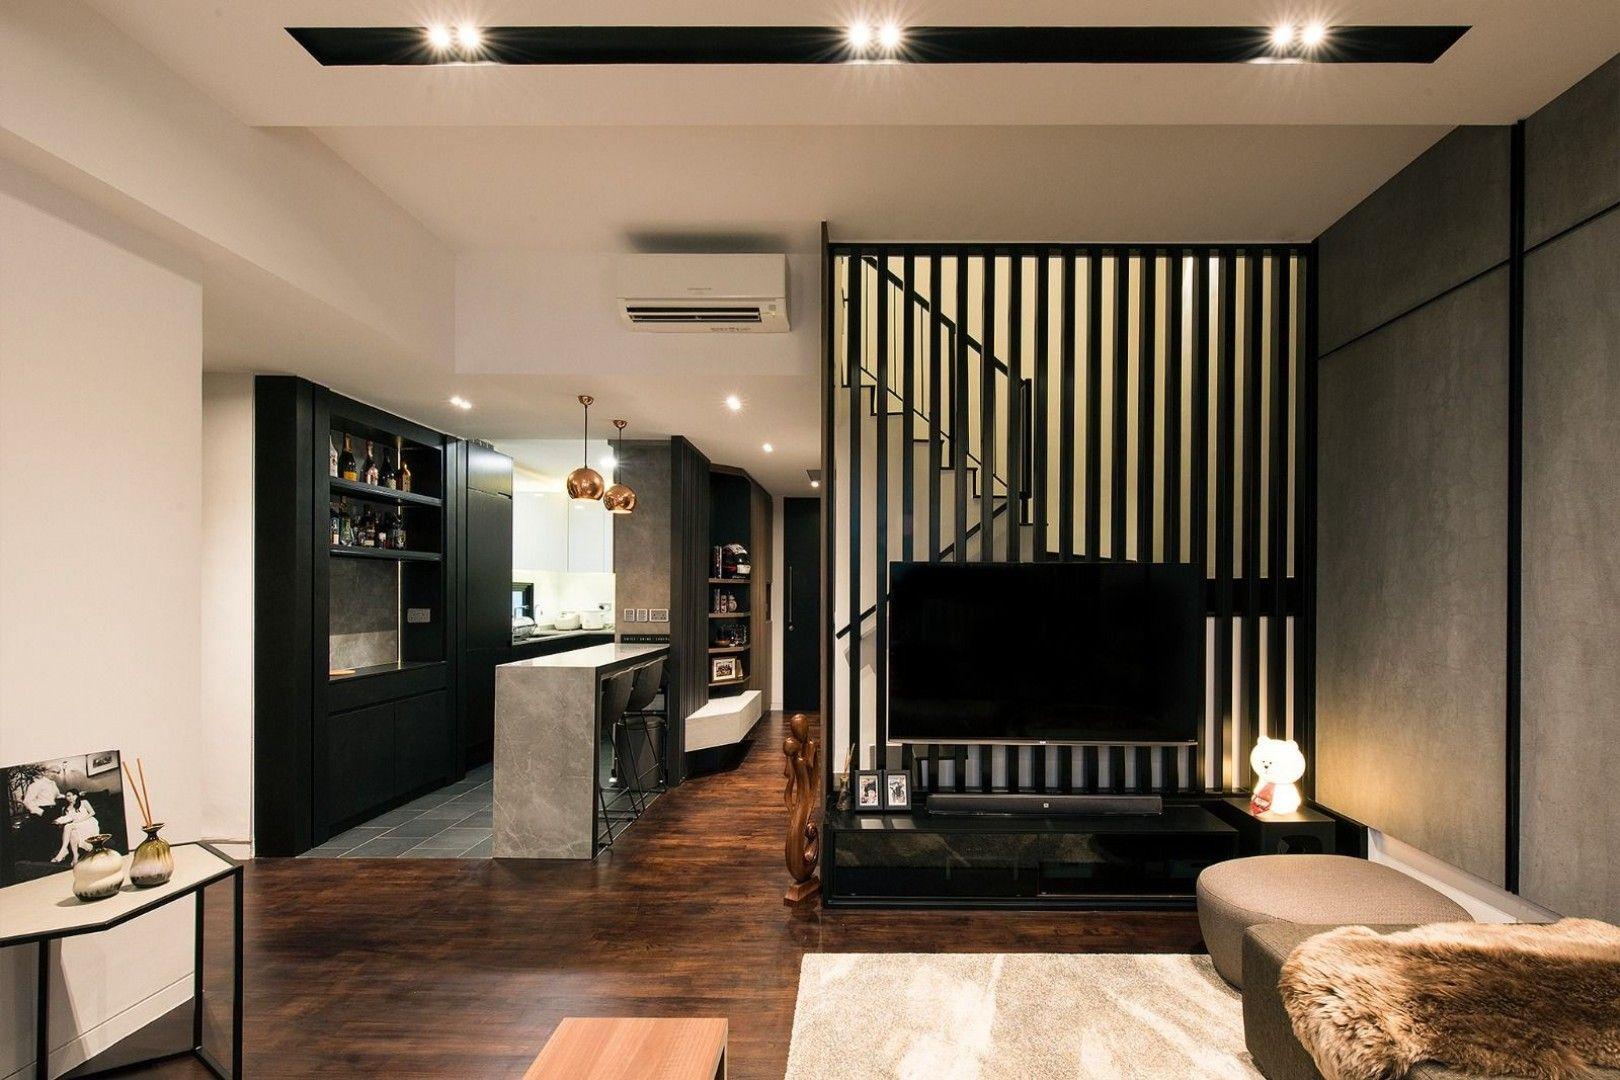 Contemporary Living Room 463 Pasir Panjang Rd Singapore Design Neu Pte Ltd Apartment Interior Interior Design